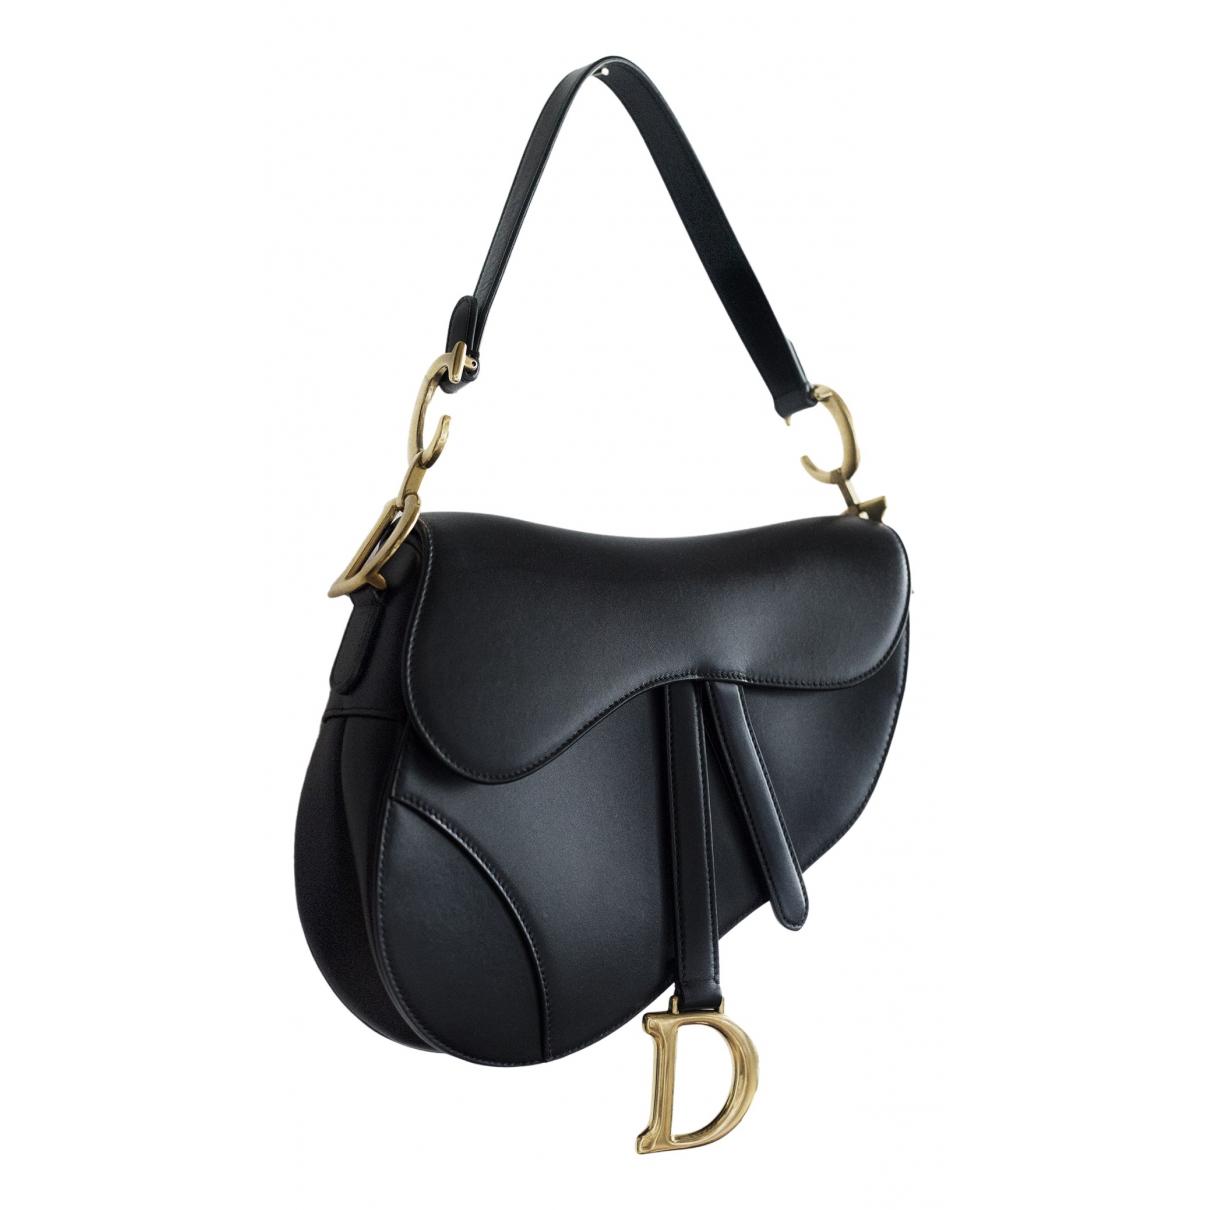 Dior Saddle Black Leather handbag for Women \N